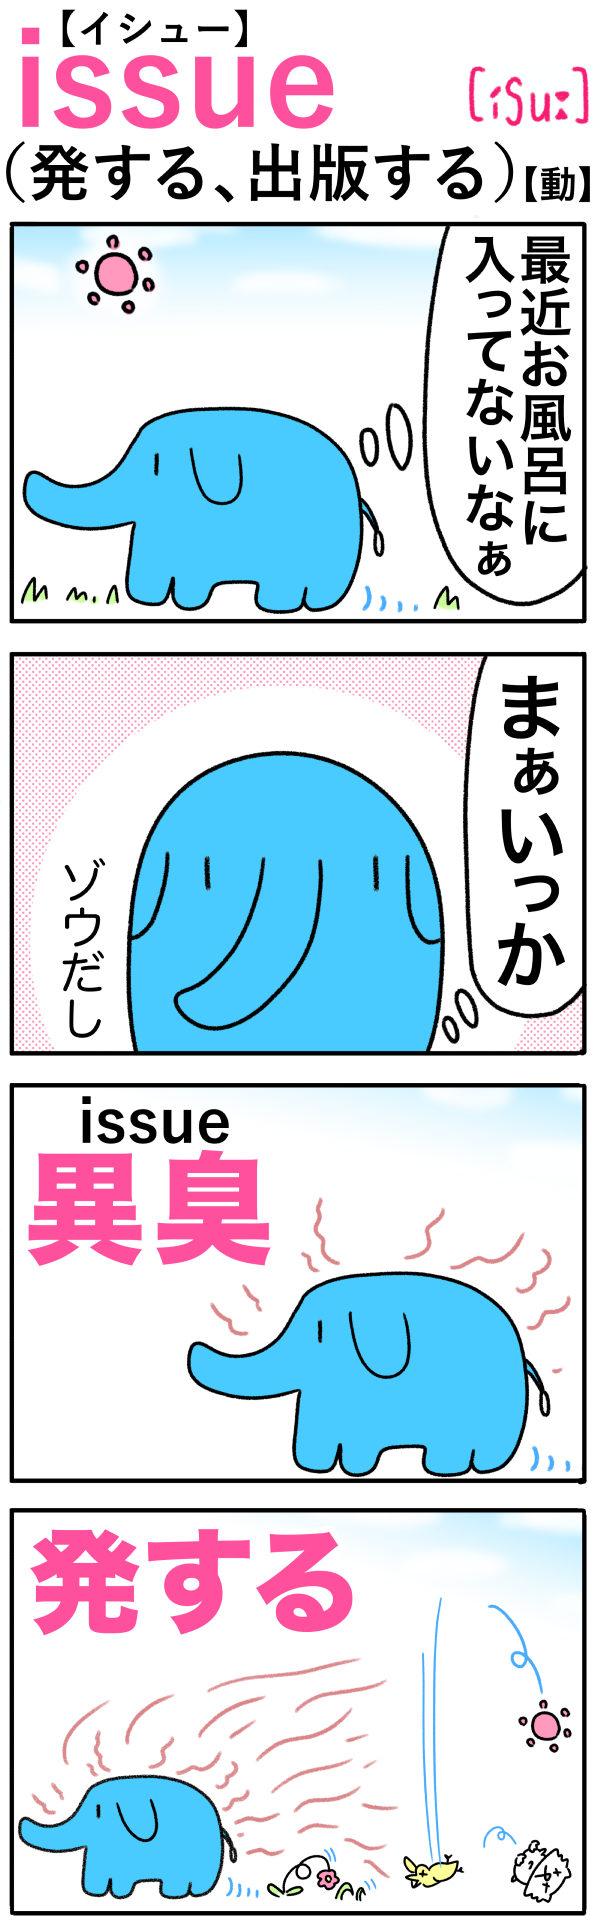 issue(発する、出版する)の語呂合わせ英単語